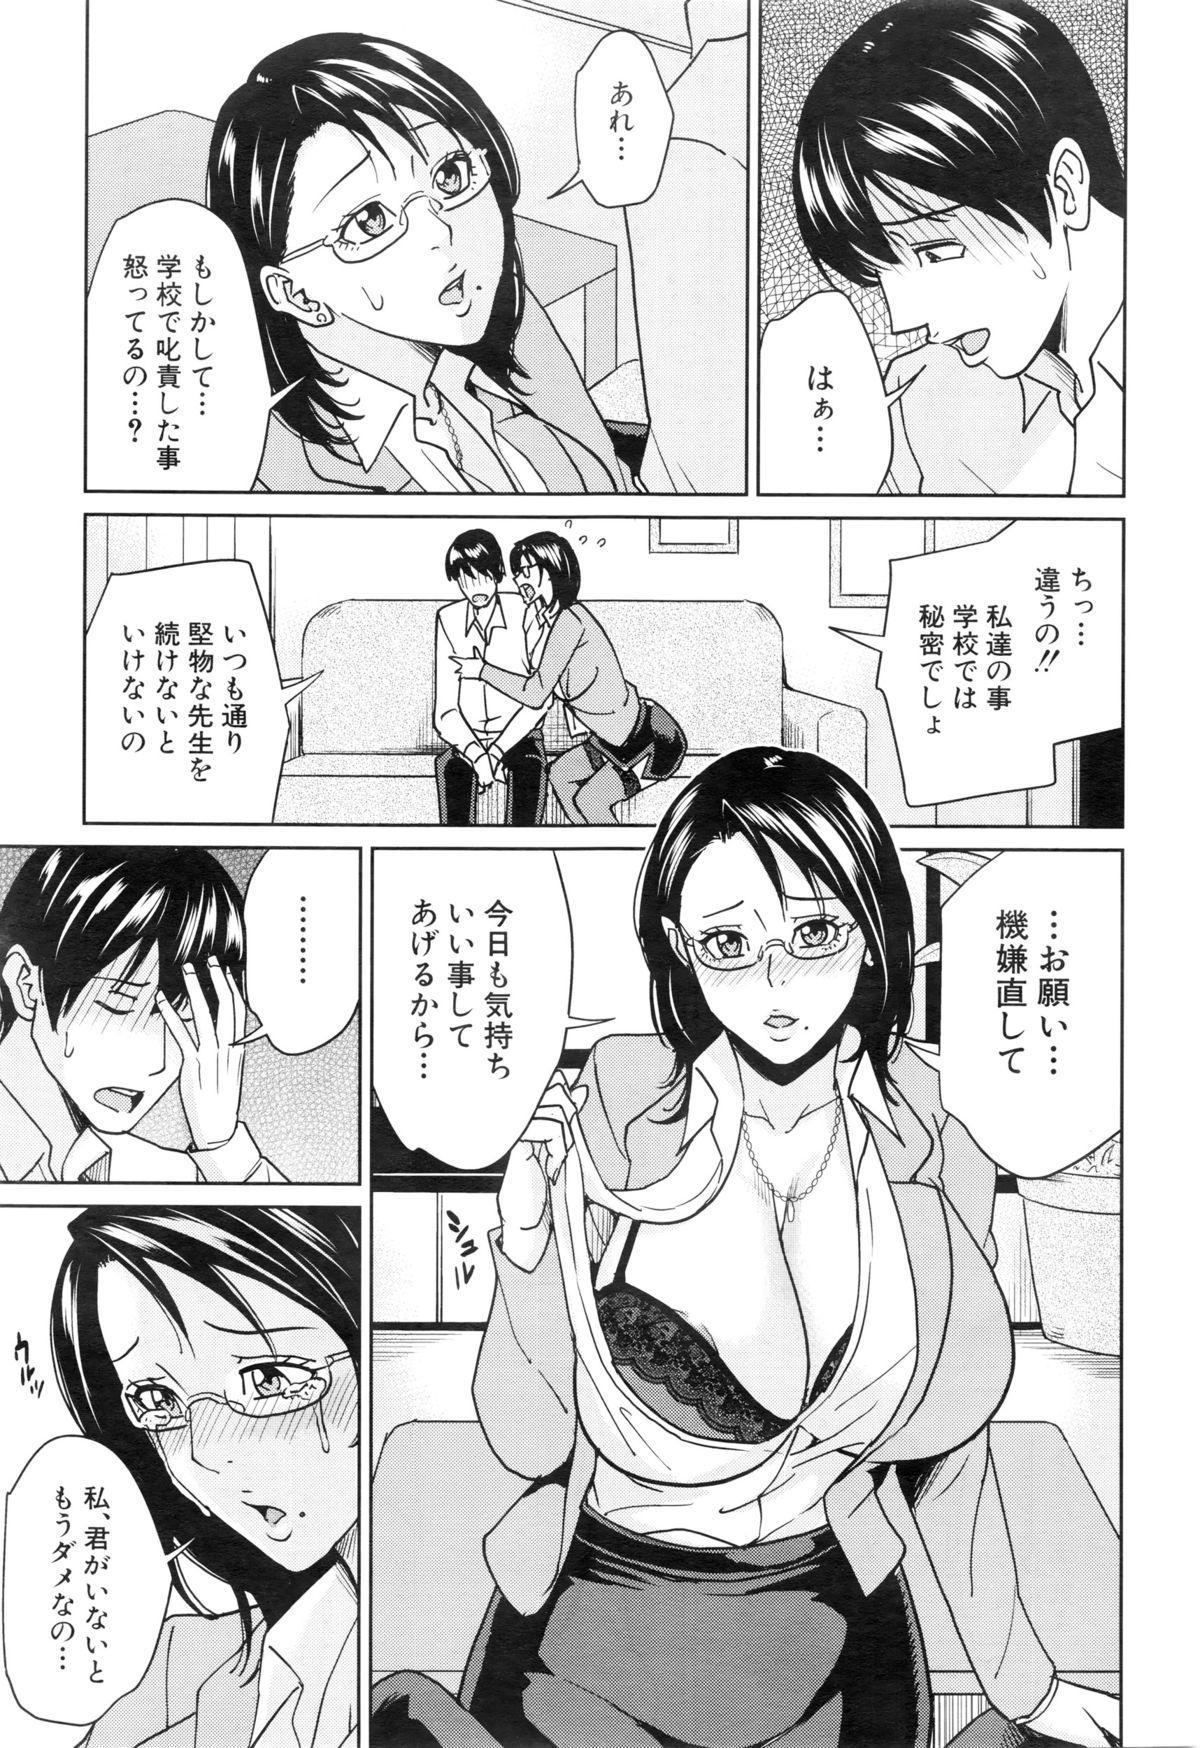 Kyouko Sensei to Boku no Himitsu 100